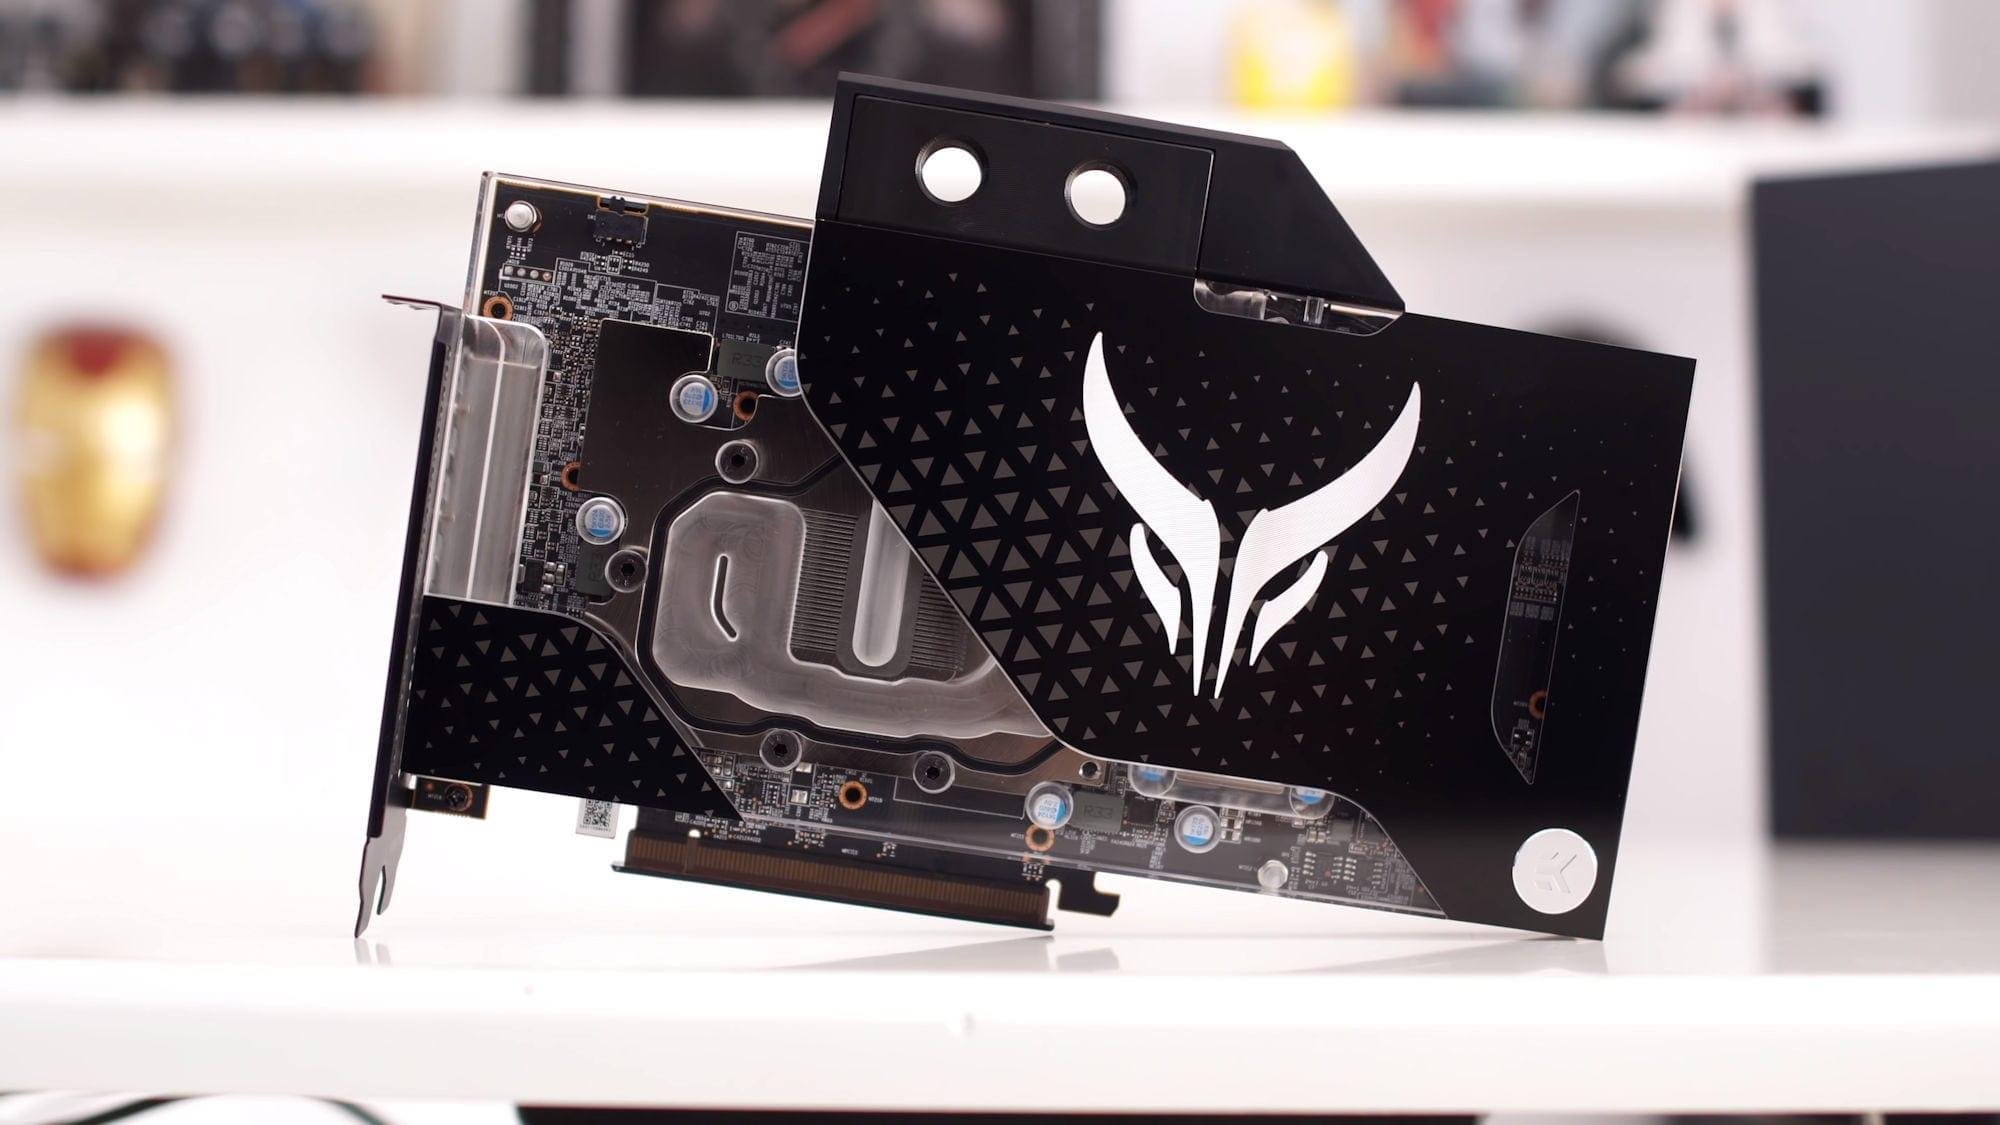 Splave взял два золота с помощью разогнанного процессора AMD Ryzen 9 3900